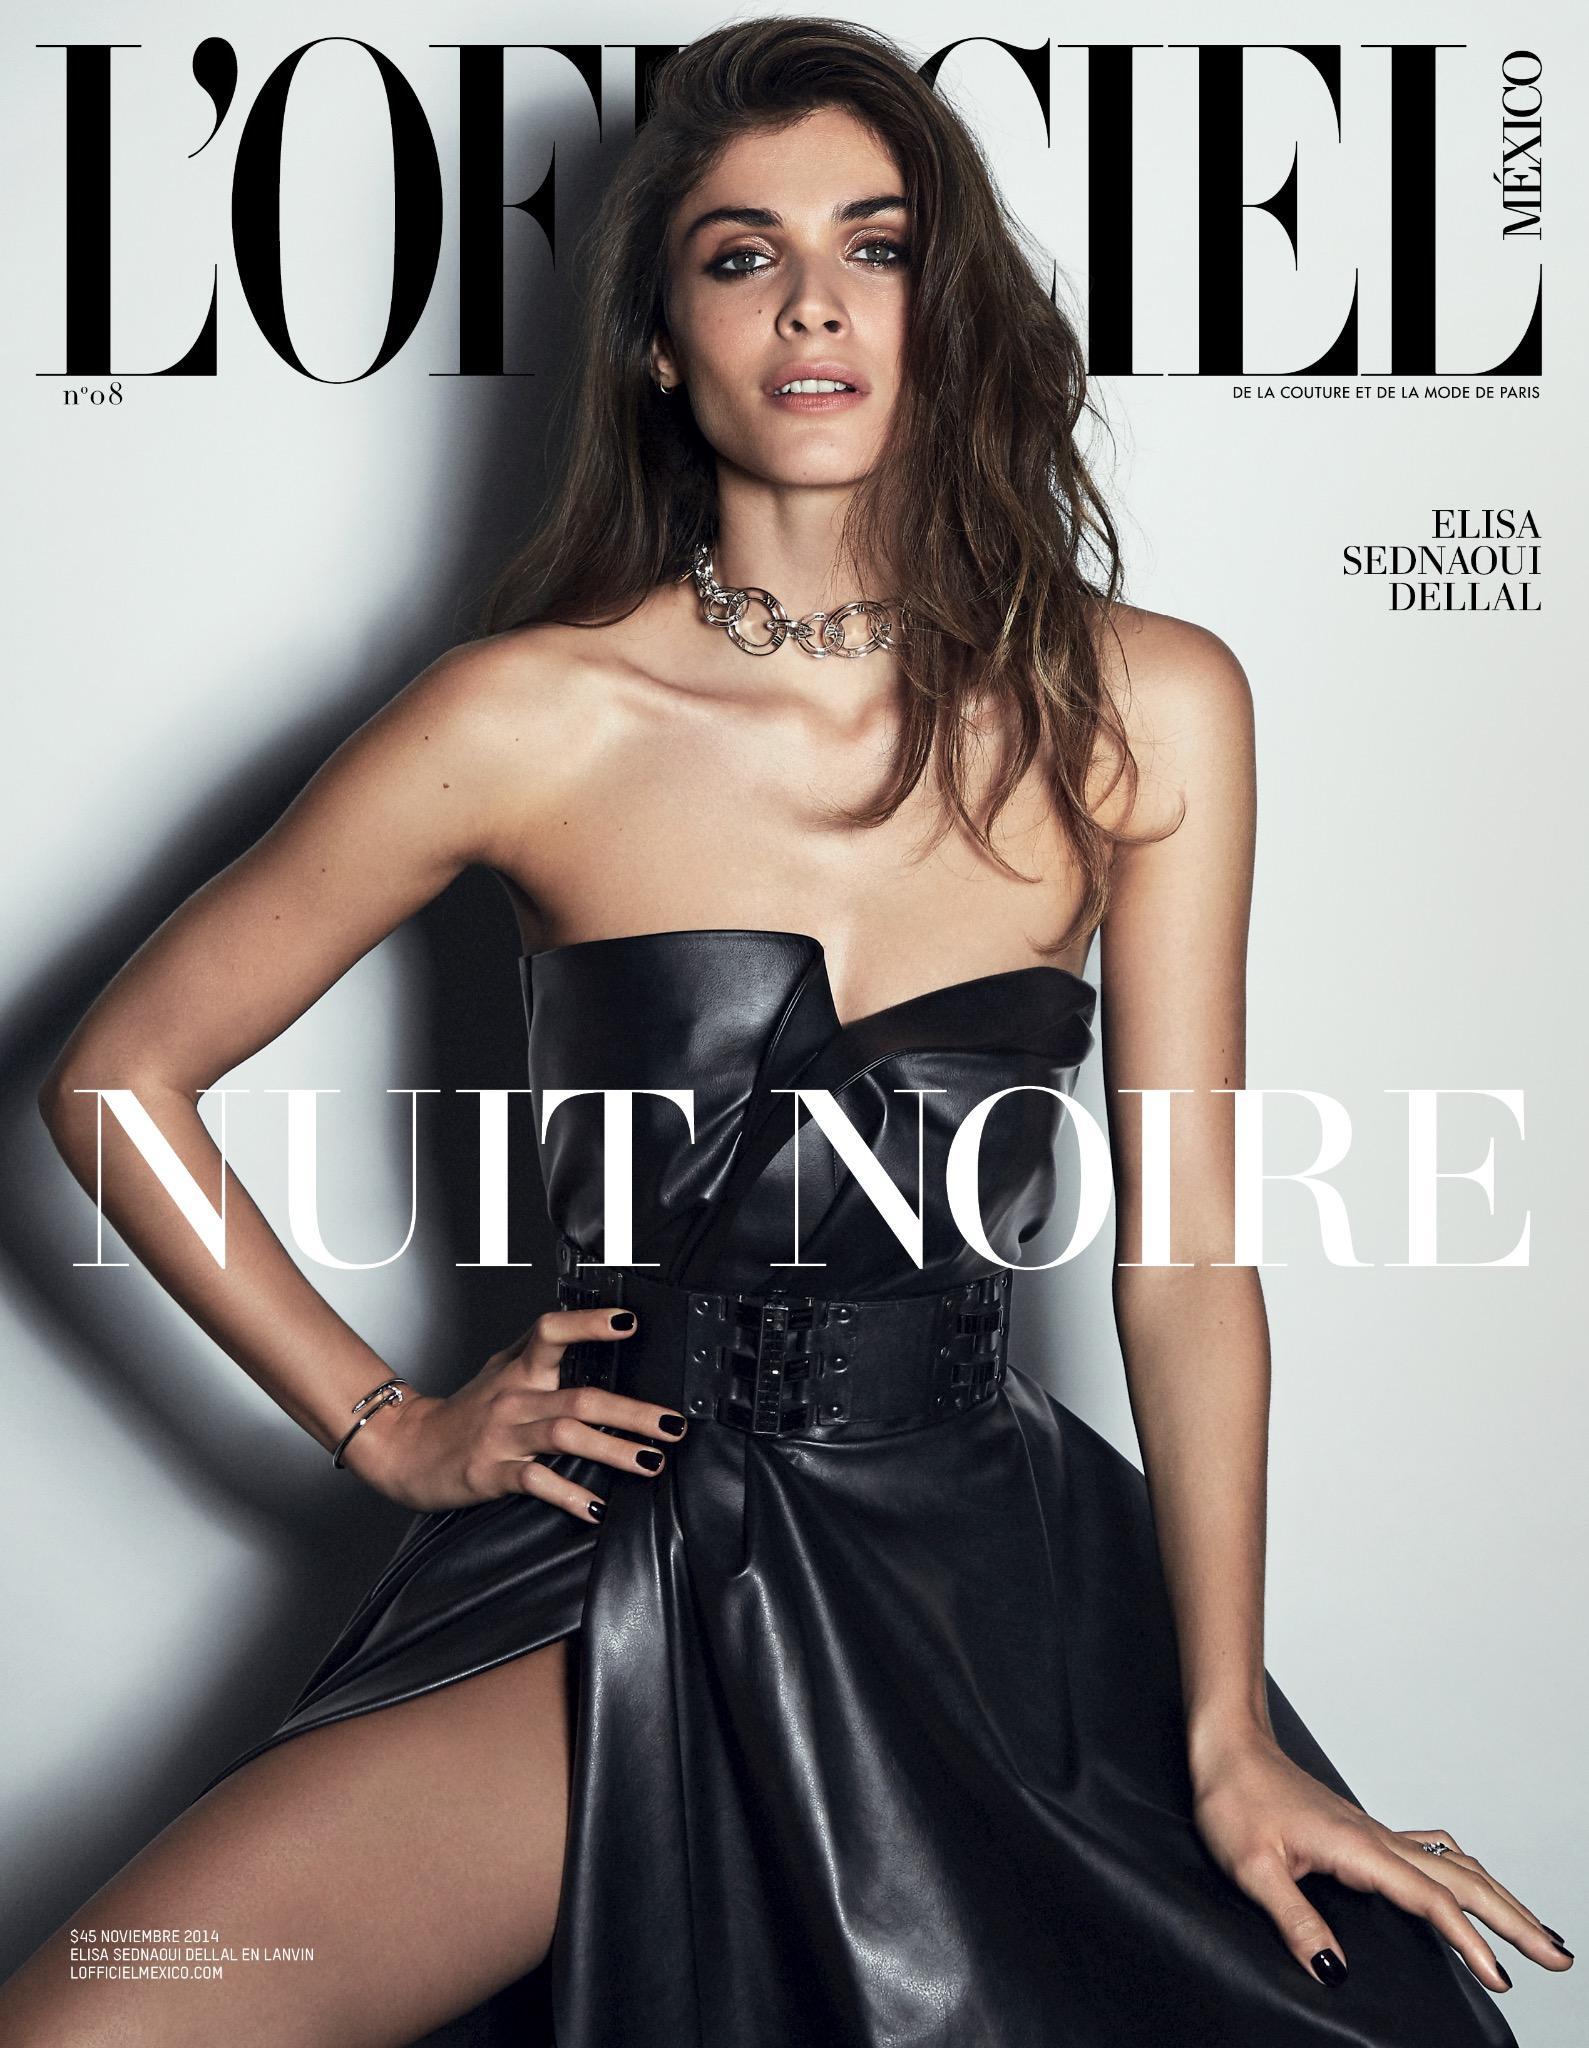 RT @lofficielmexico: Nuestra nueva portada es @ElisaSednaoui en @LANVINofficial con el estilismo de @ElisaNalin #NuitNoire #Noviembre http:…